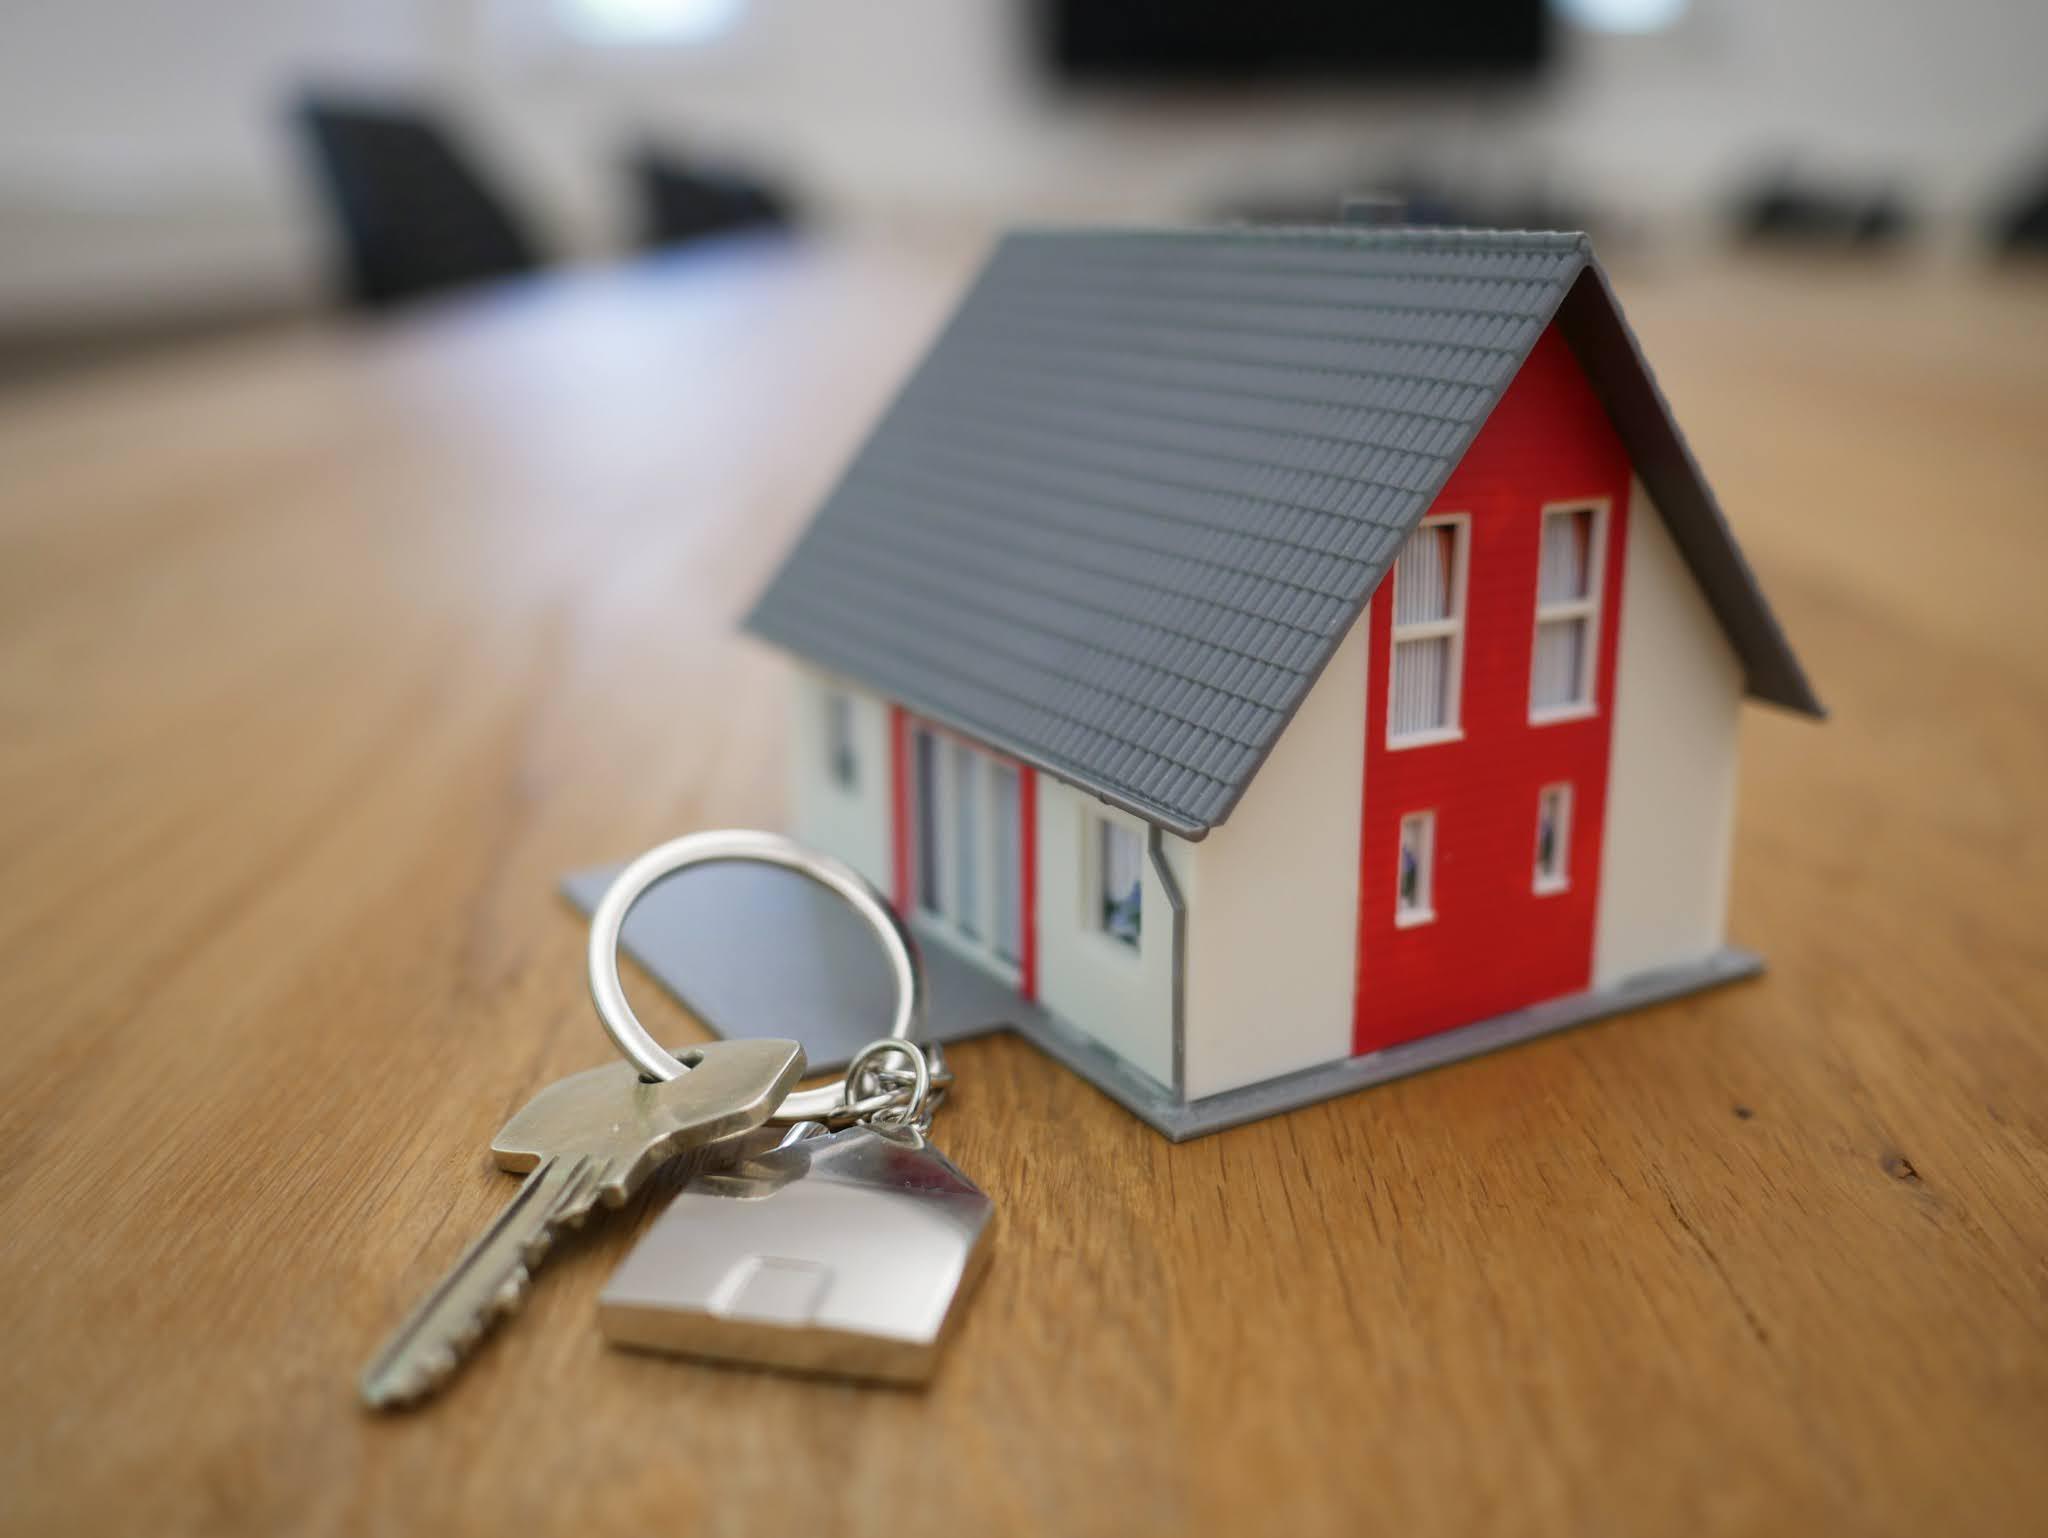 5 πράγματα που πρέπει να ξέρετε για την αγορά ενός σπιτιού